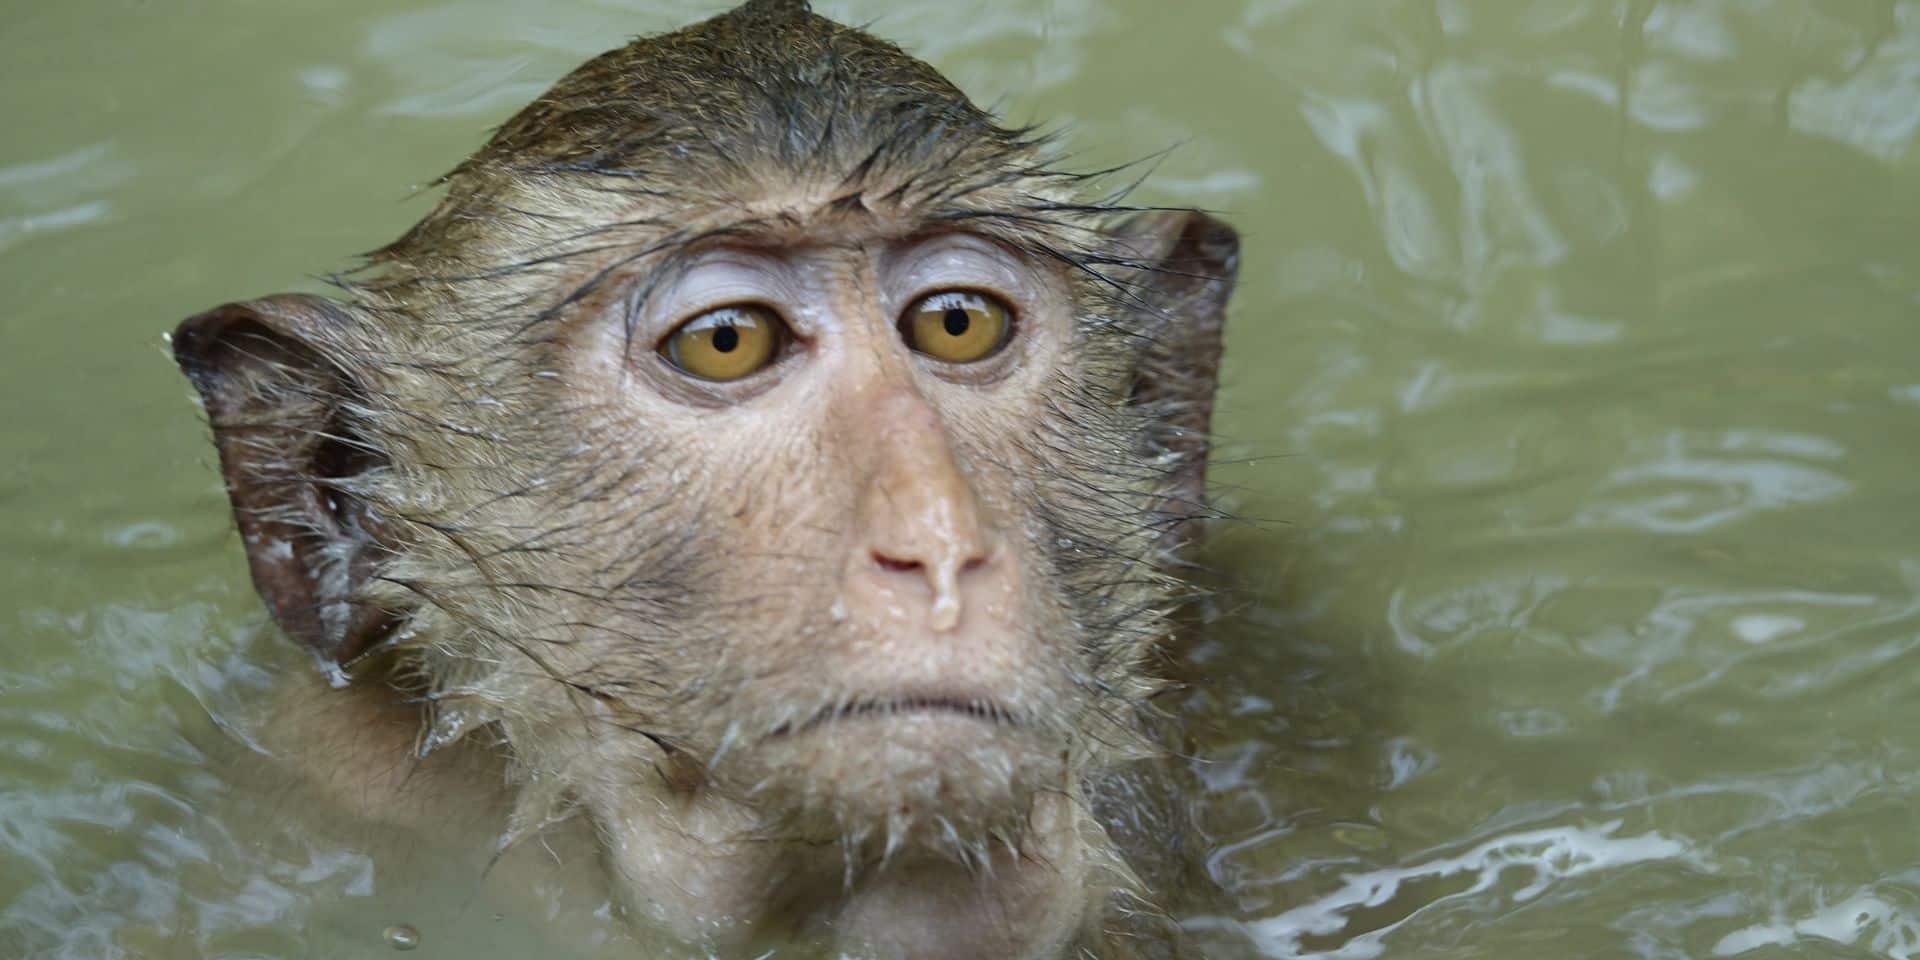 Le macaque qui avait fait un selfie ne touchera pas les droits d'auteur